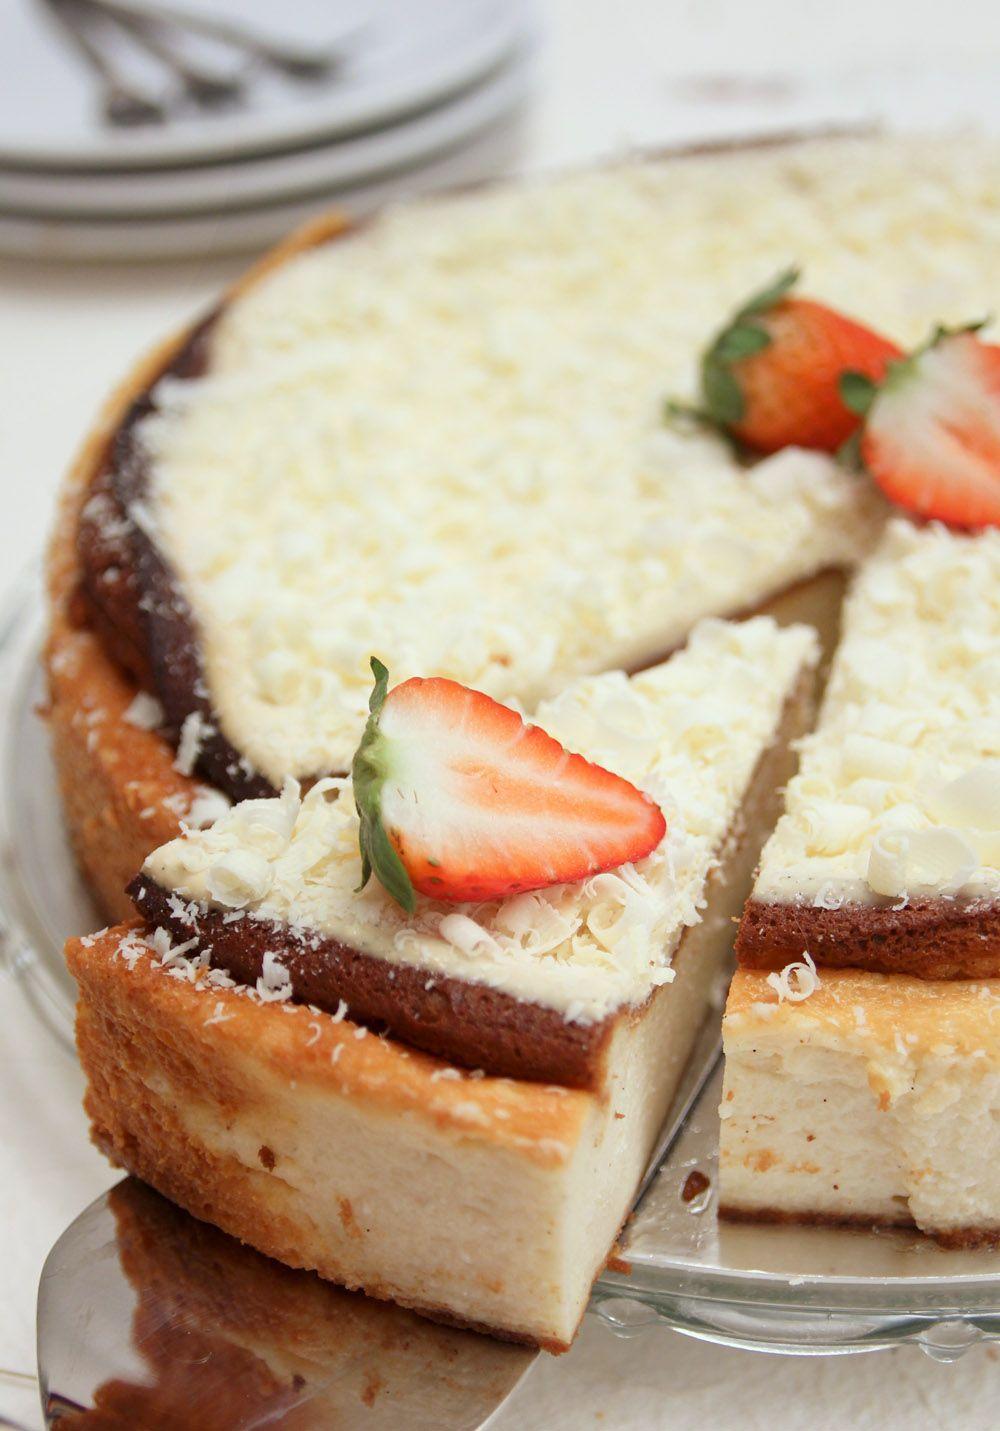 עוגת גבינה אפויה עם שוקולד לבן | צילום: נטלי לוין